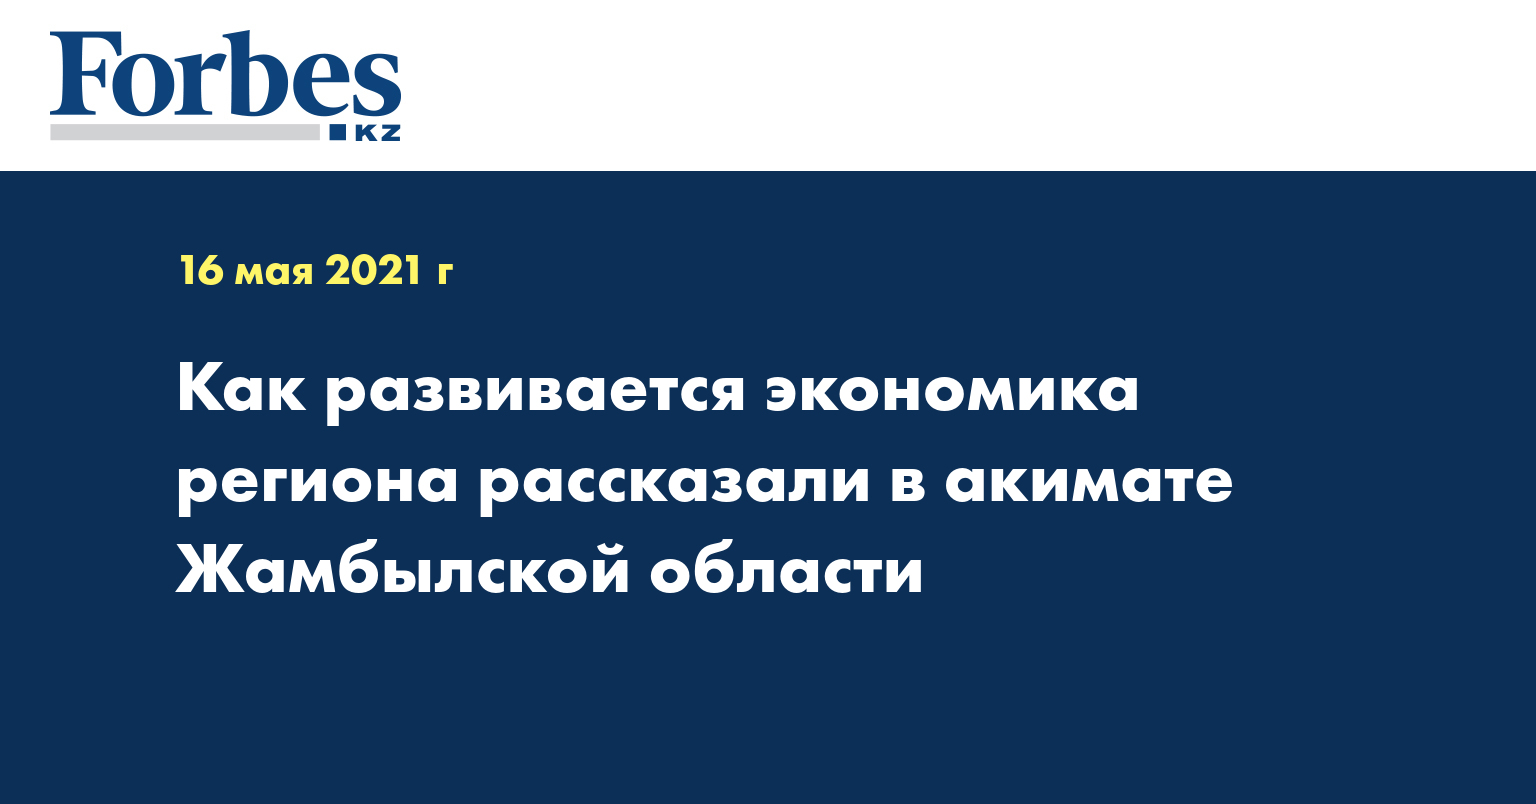 Как развивается экономика региона рассказали в акимате Жамбылской области